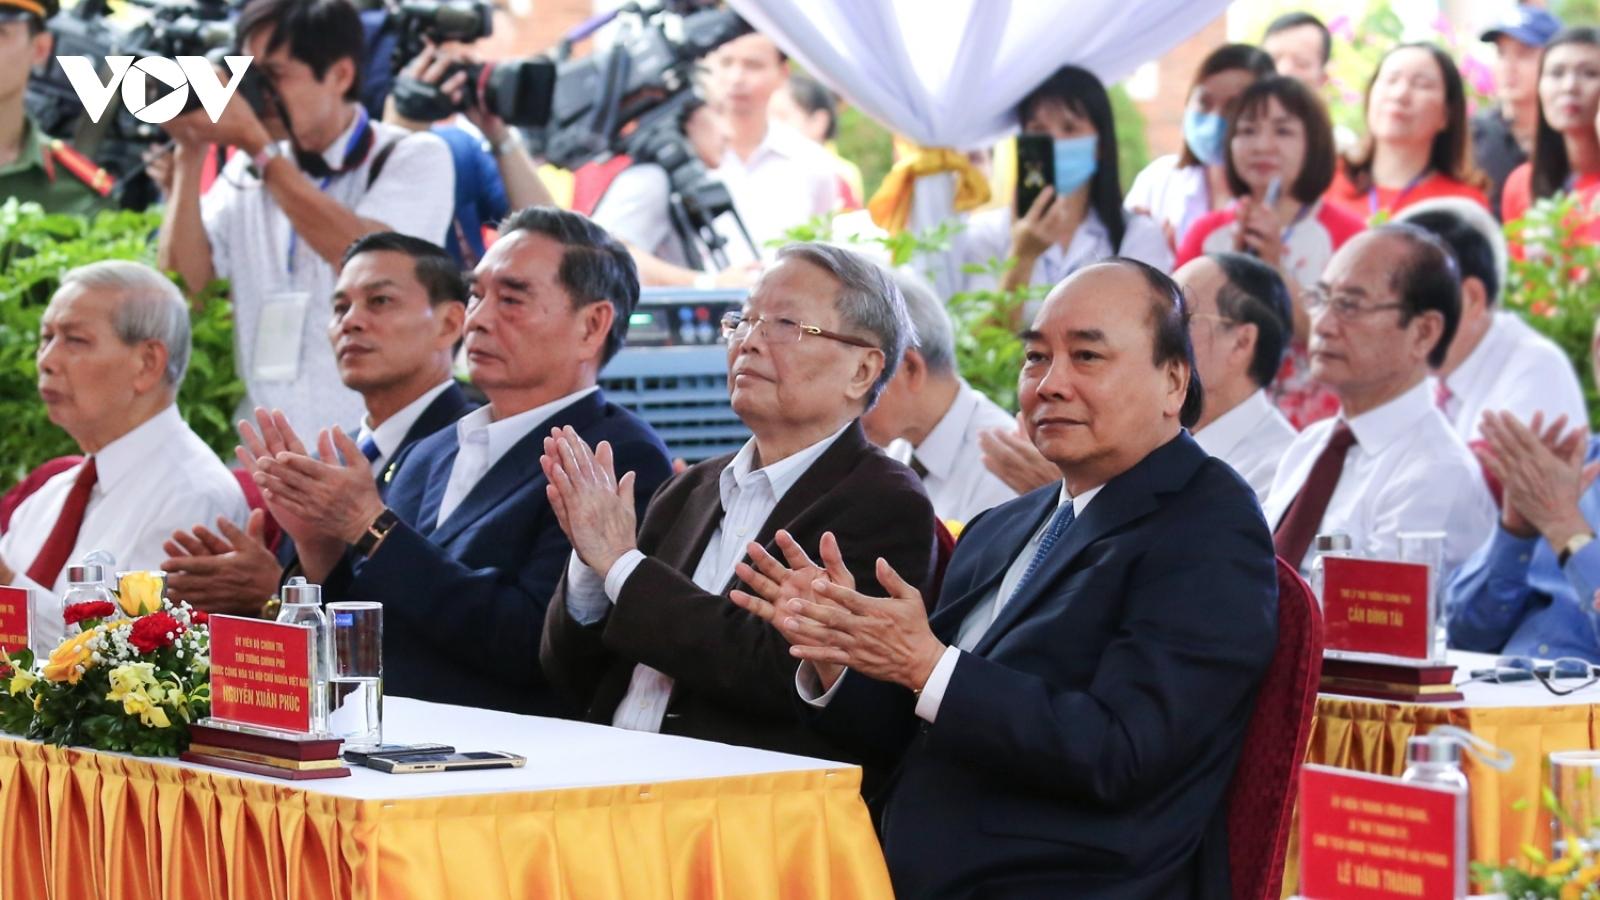 Thủ tướng dự khánh thành, khởi công các công trình chào mừng Đại hội Đảng bộ TP Hải Phòng